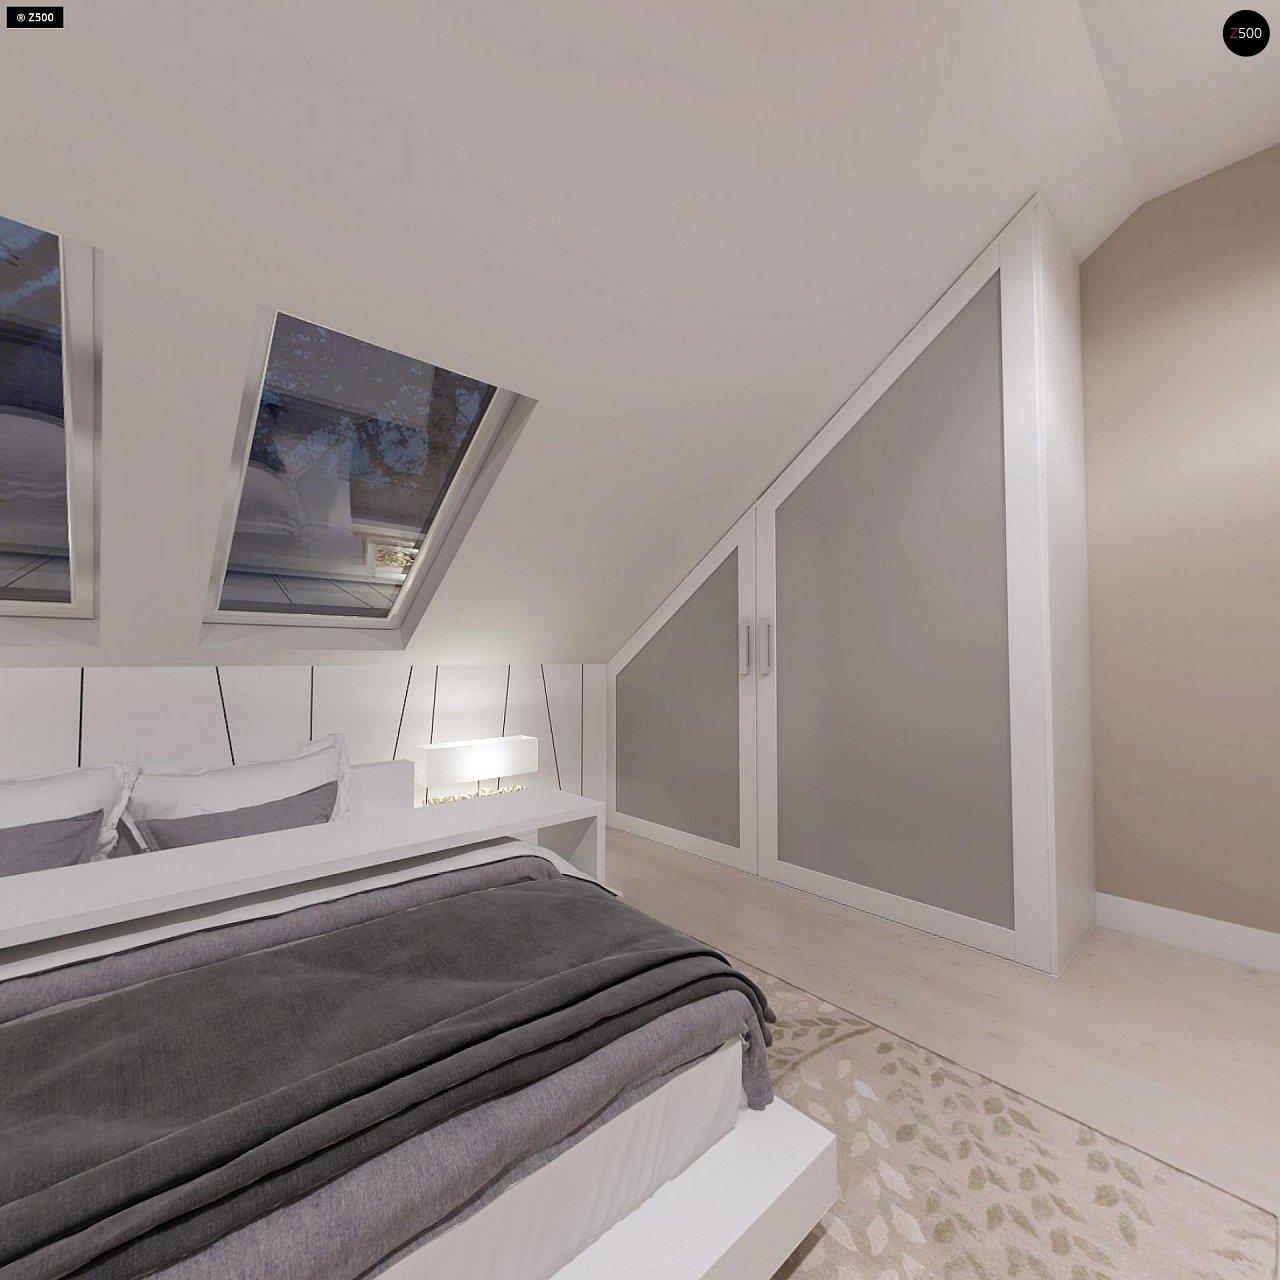 Компактный дом с мансардой, эркером в дневной зоне и c кабинетом на первом этаже. 12